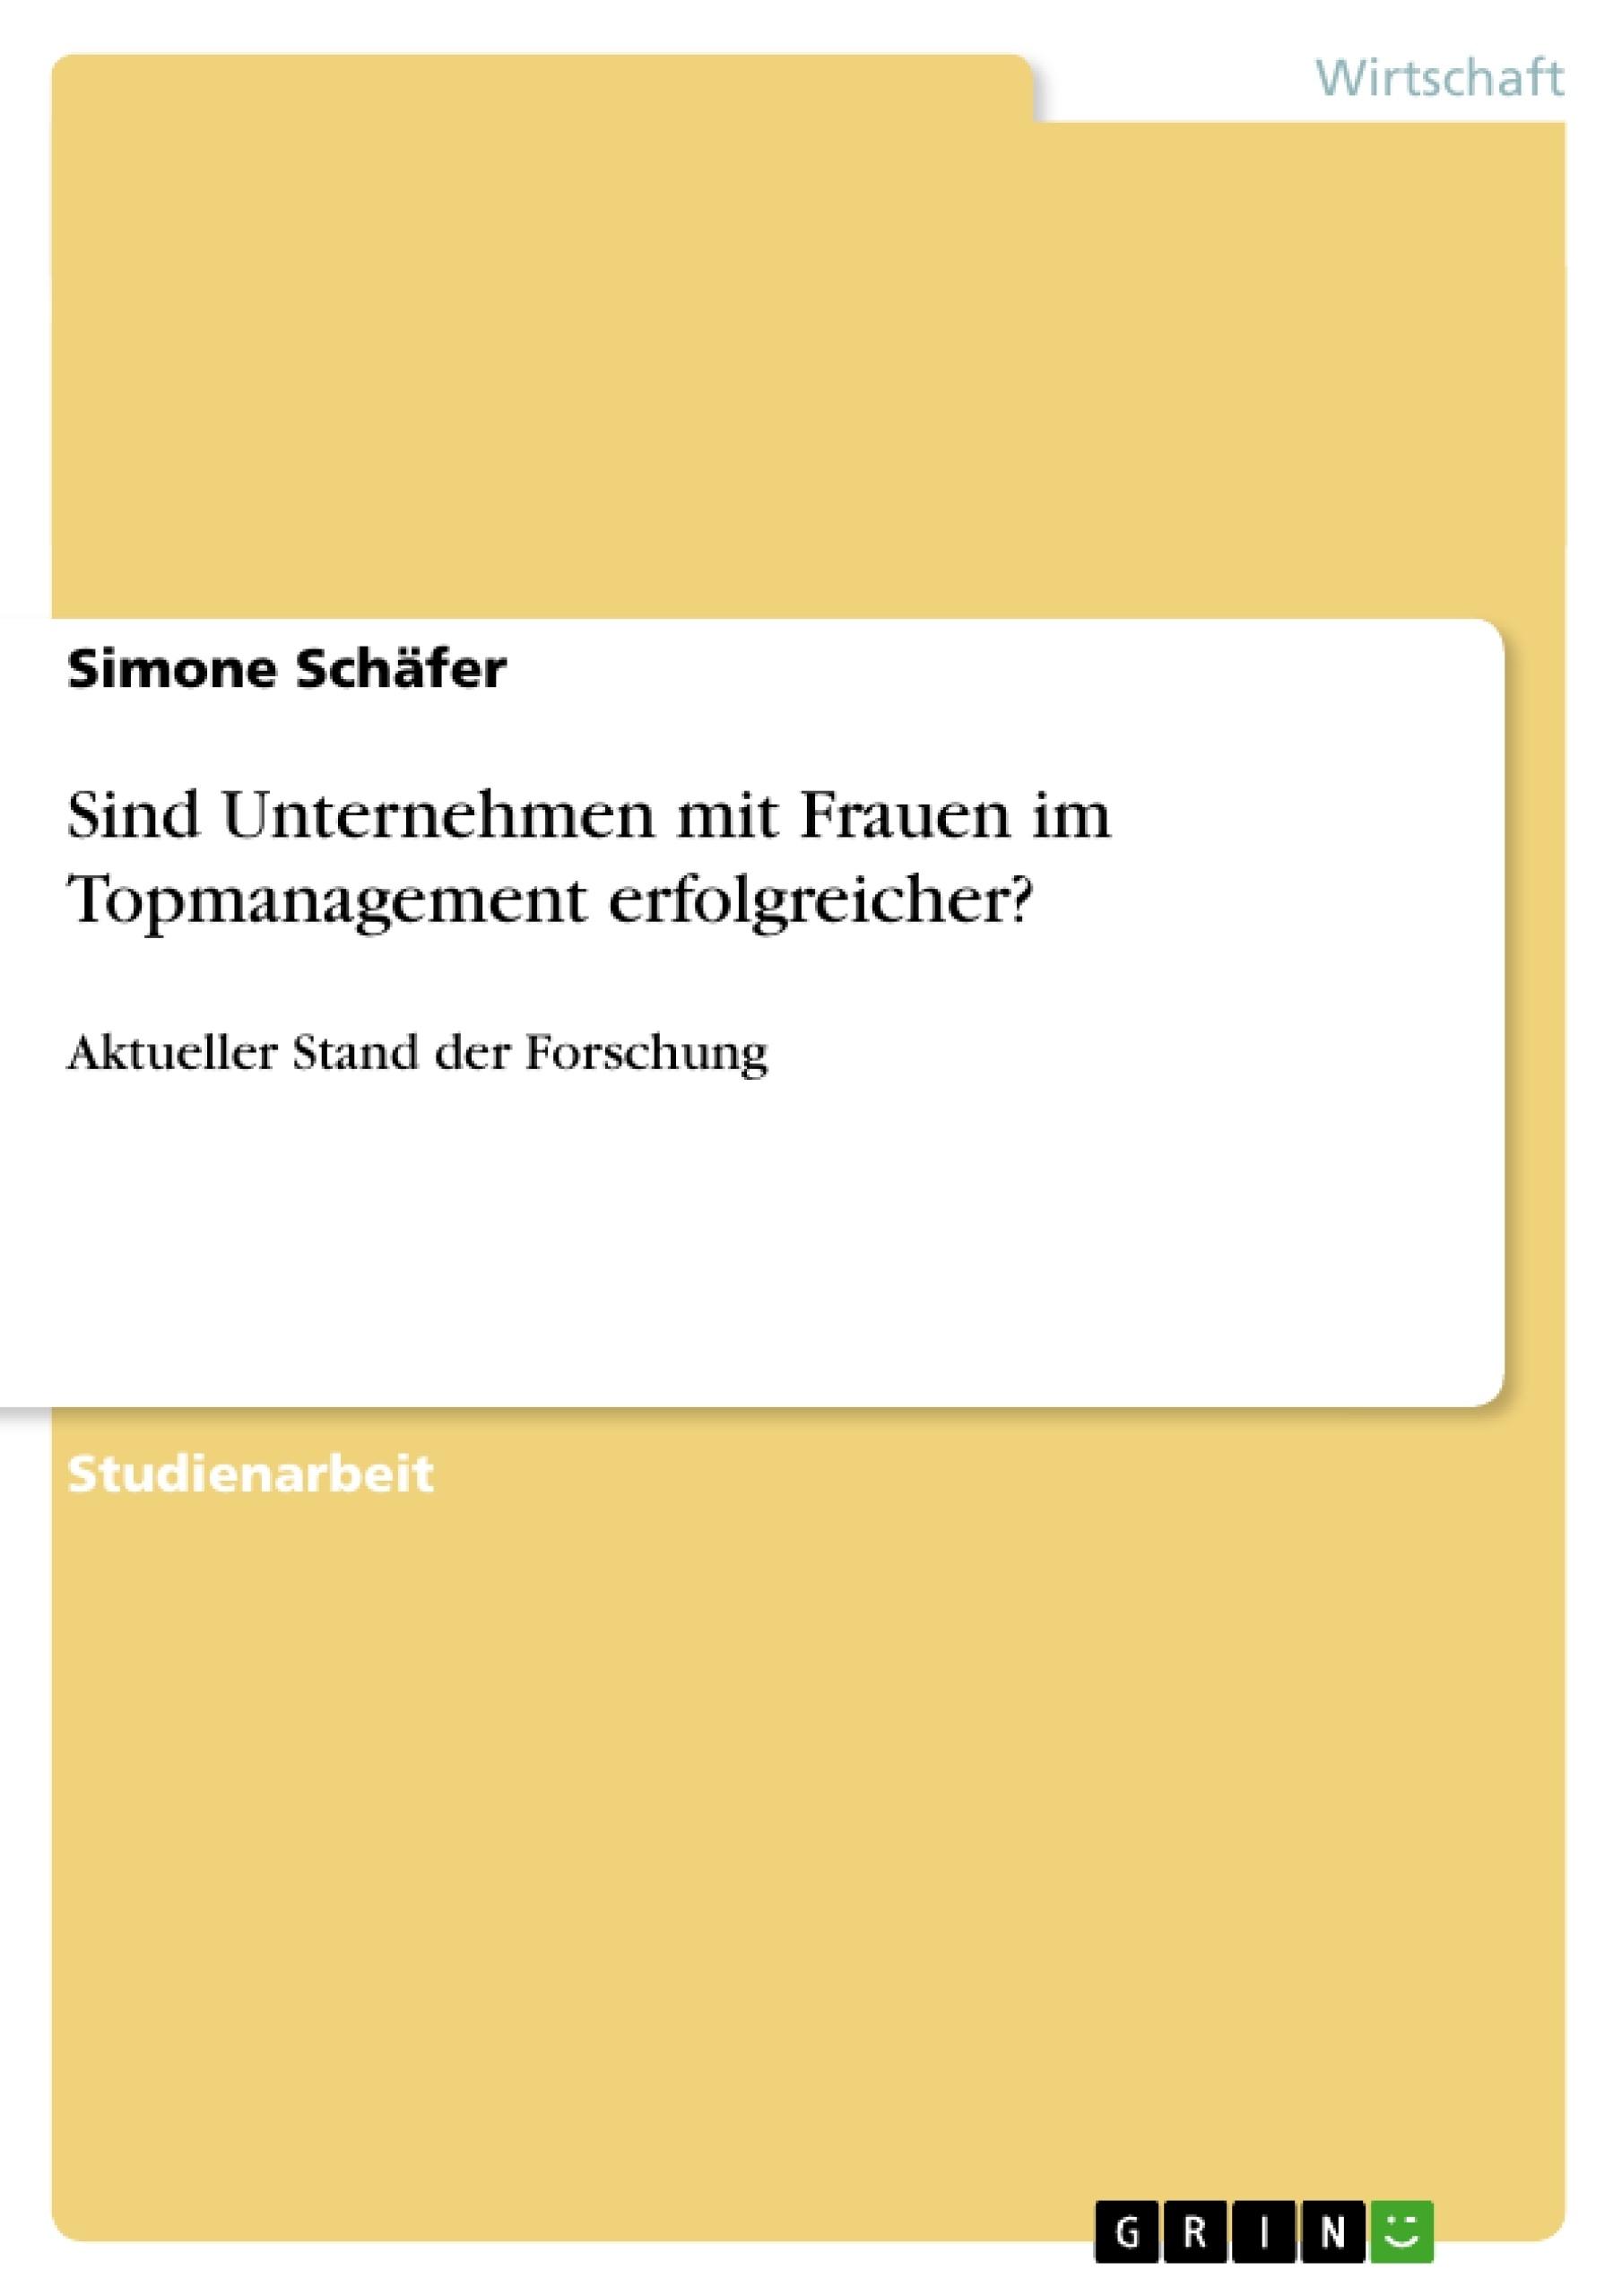 Titel: Sind Unternehmen mit Frauen im Topmanagement erfolgreicher?